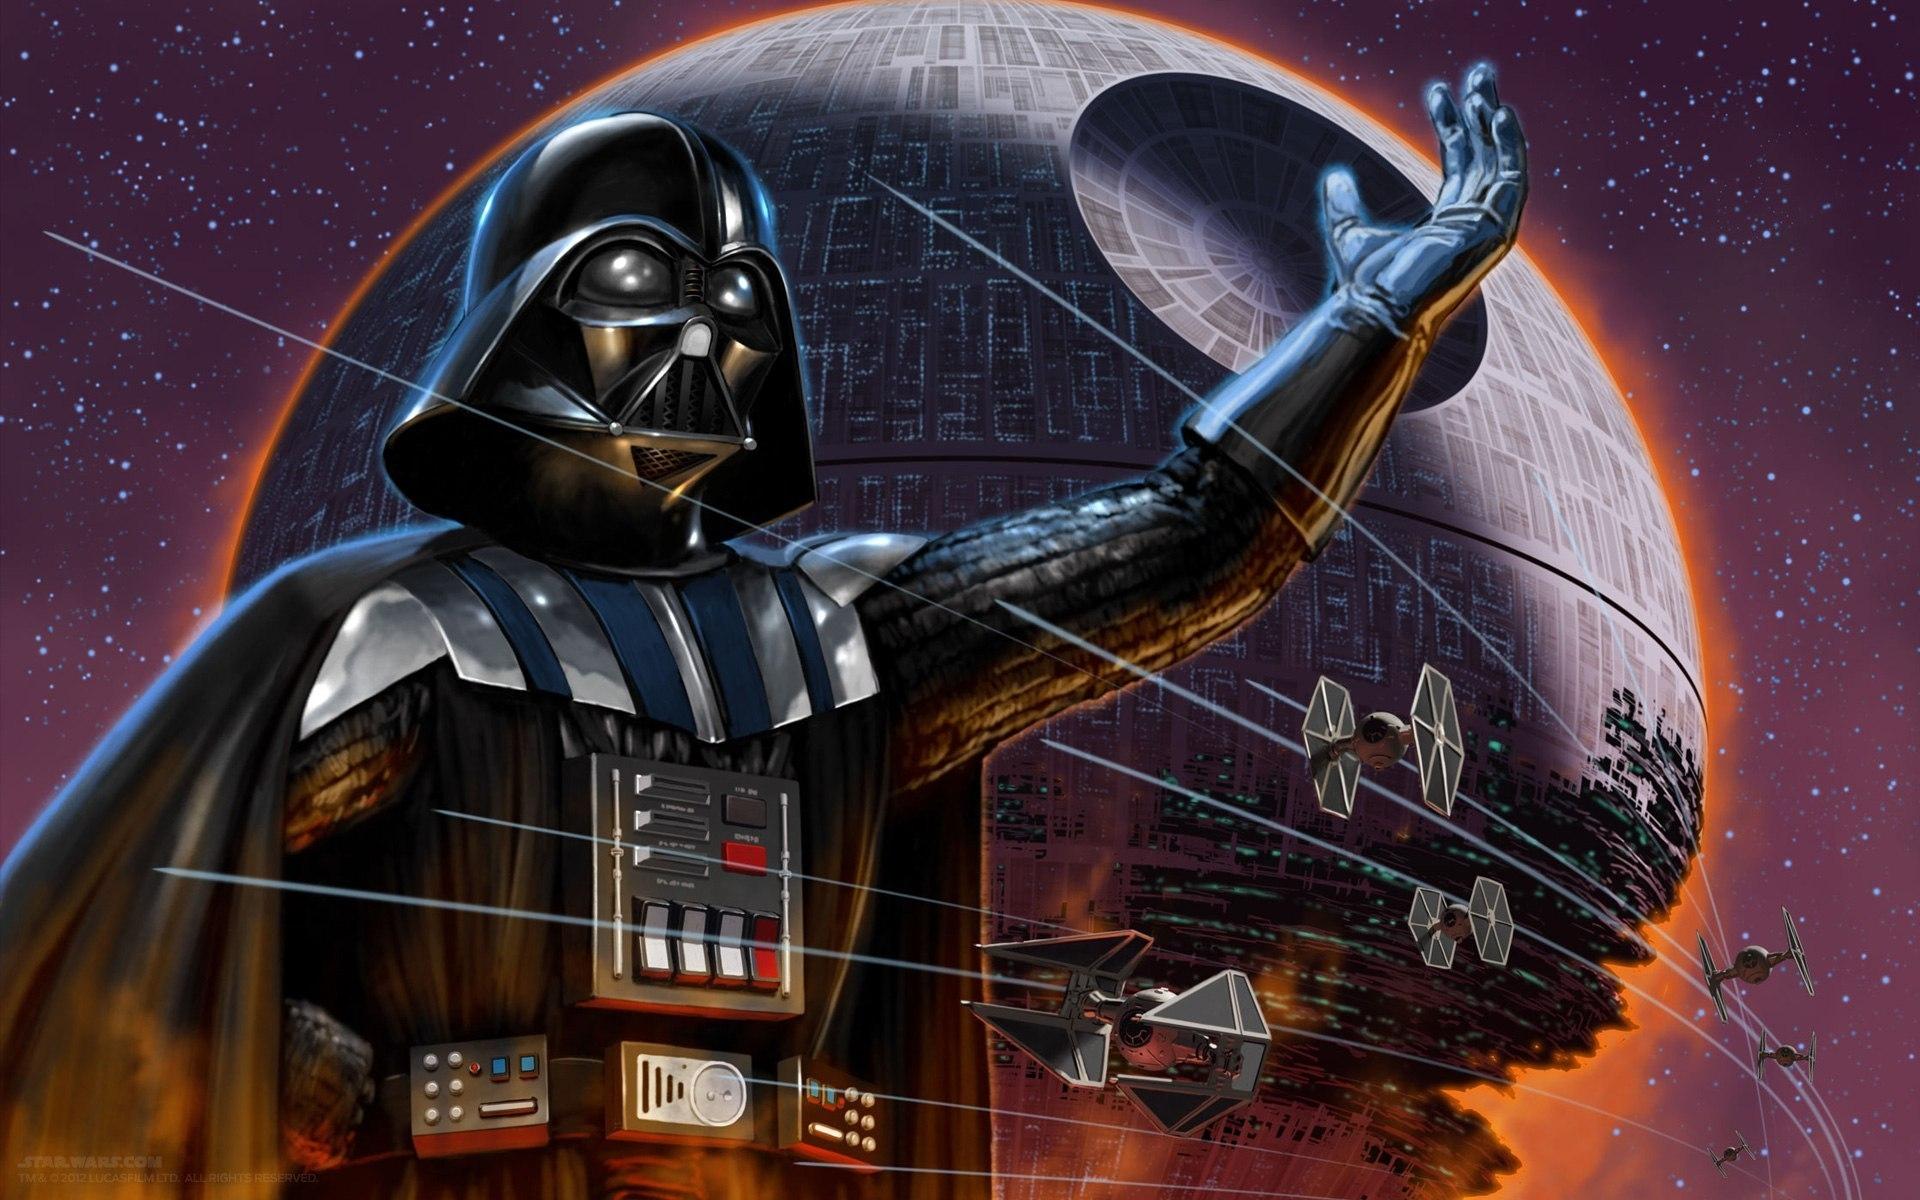 4k Wallpaper Star Wars Wallpapersafari